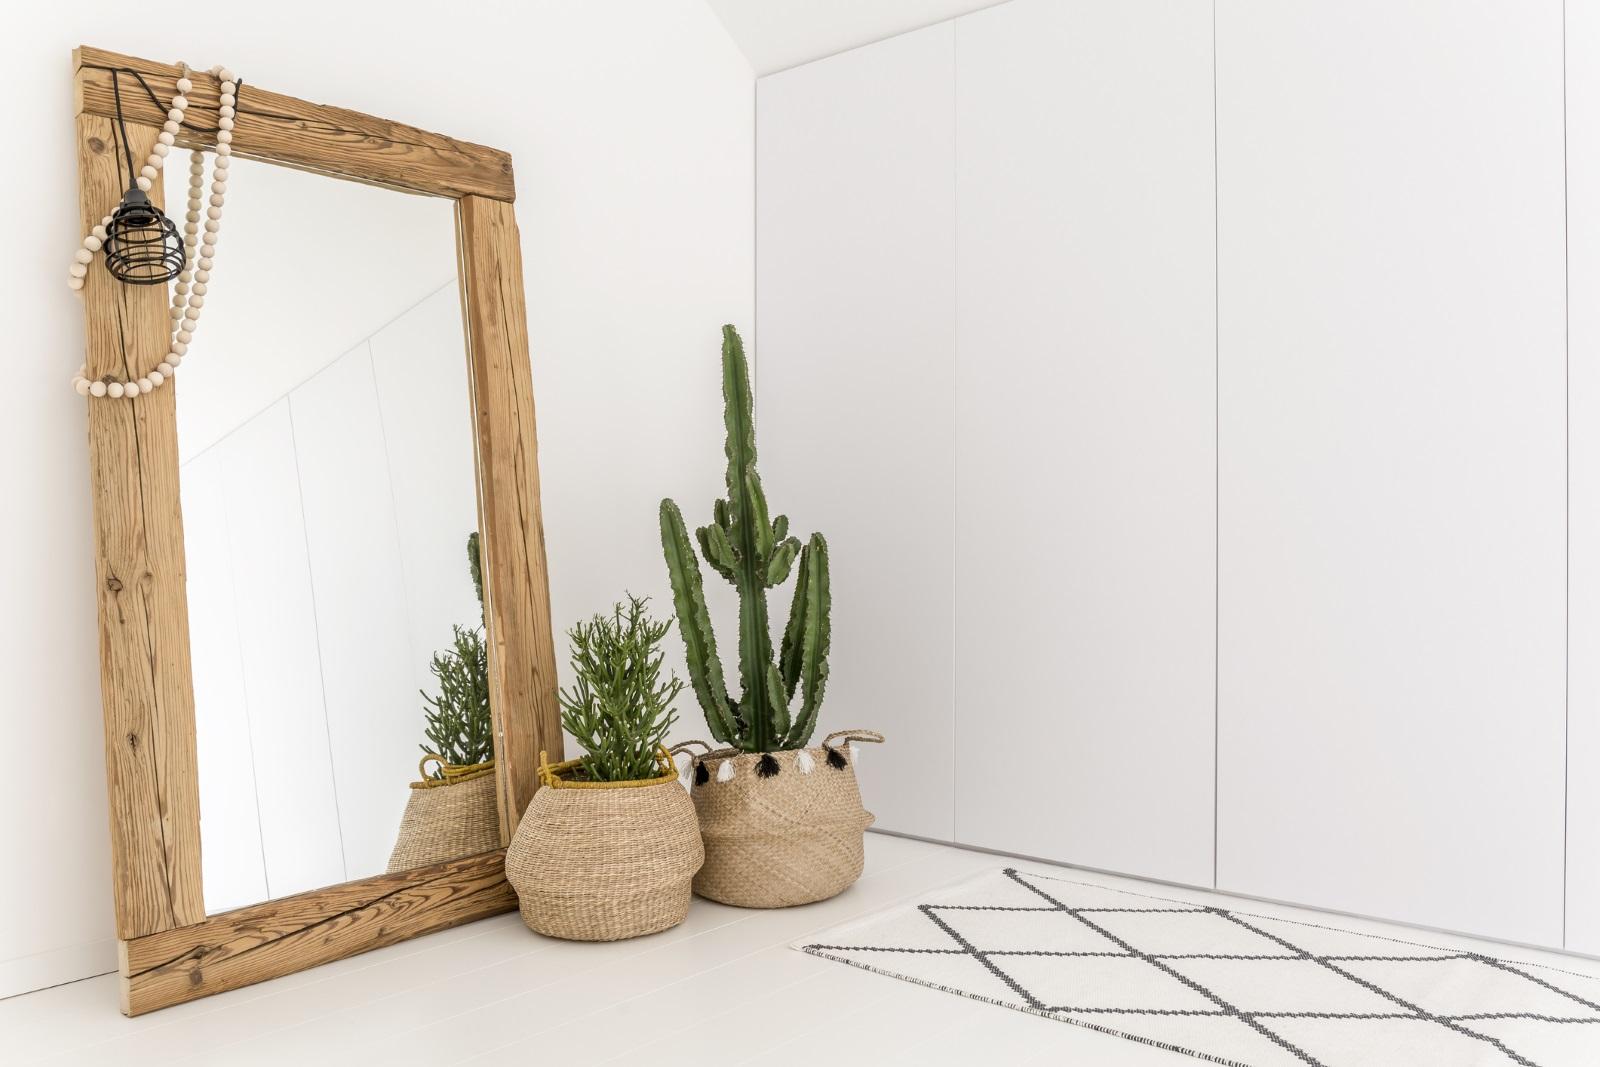 Балансът в дома се държи и от огледала и камбанки. Огледалата обаче не трябва да са поставени едно срещу друго. Също така се смята, че всяка ръчно изработена вещ е носител на позитивна енергия.